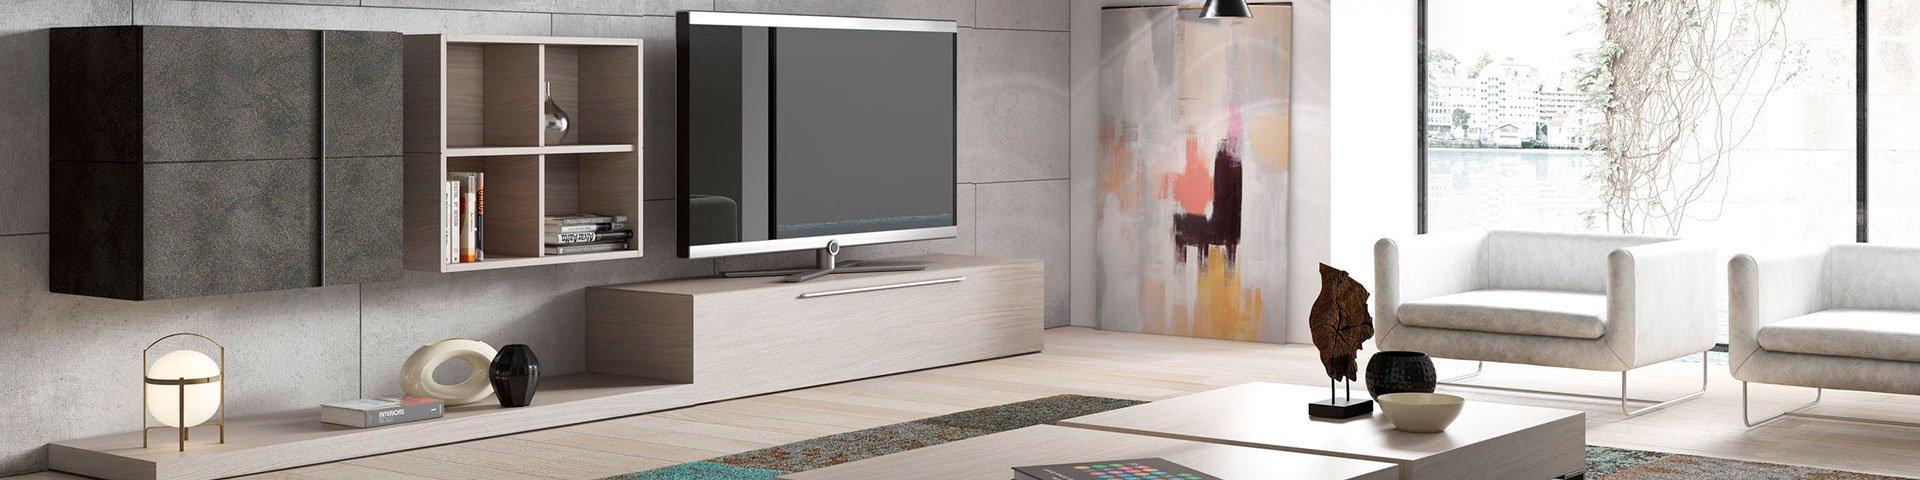 Living Room Furniture at Abode Furniture